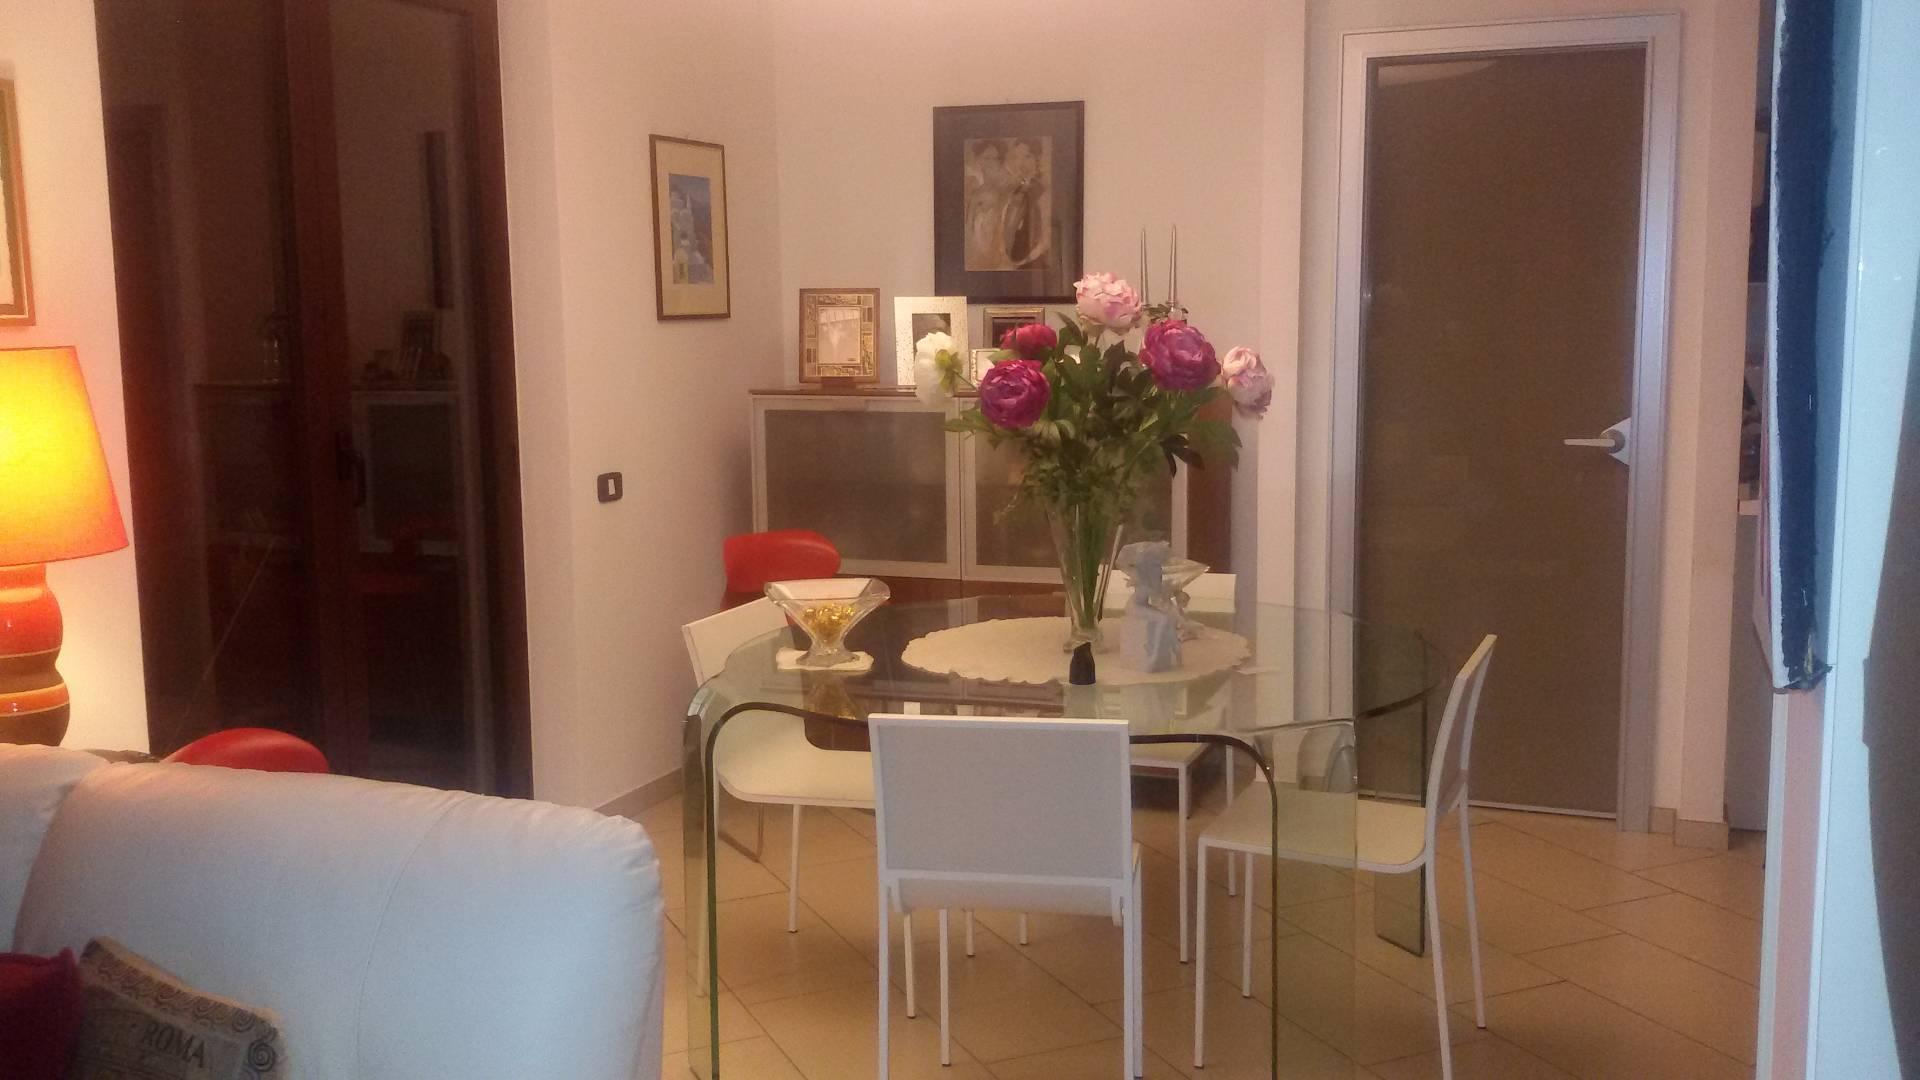 Soluzione Semindipendente in vendita a Baronissi, 10 locali, zona Zona: Saragnano, prezzo € 420.000 | CambioCasa.it